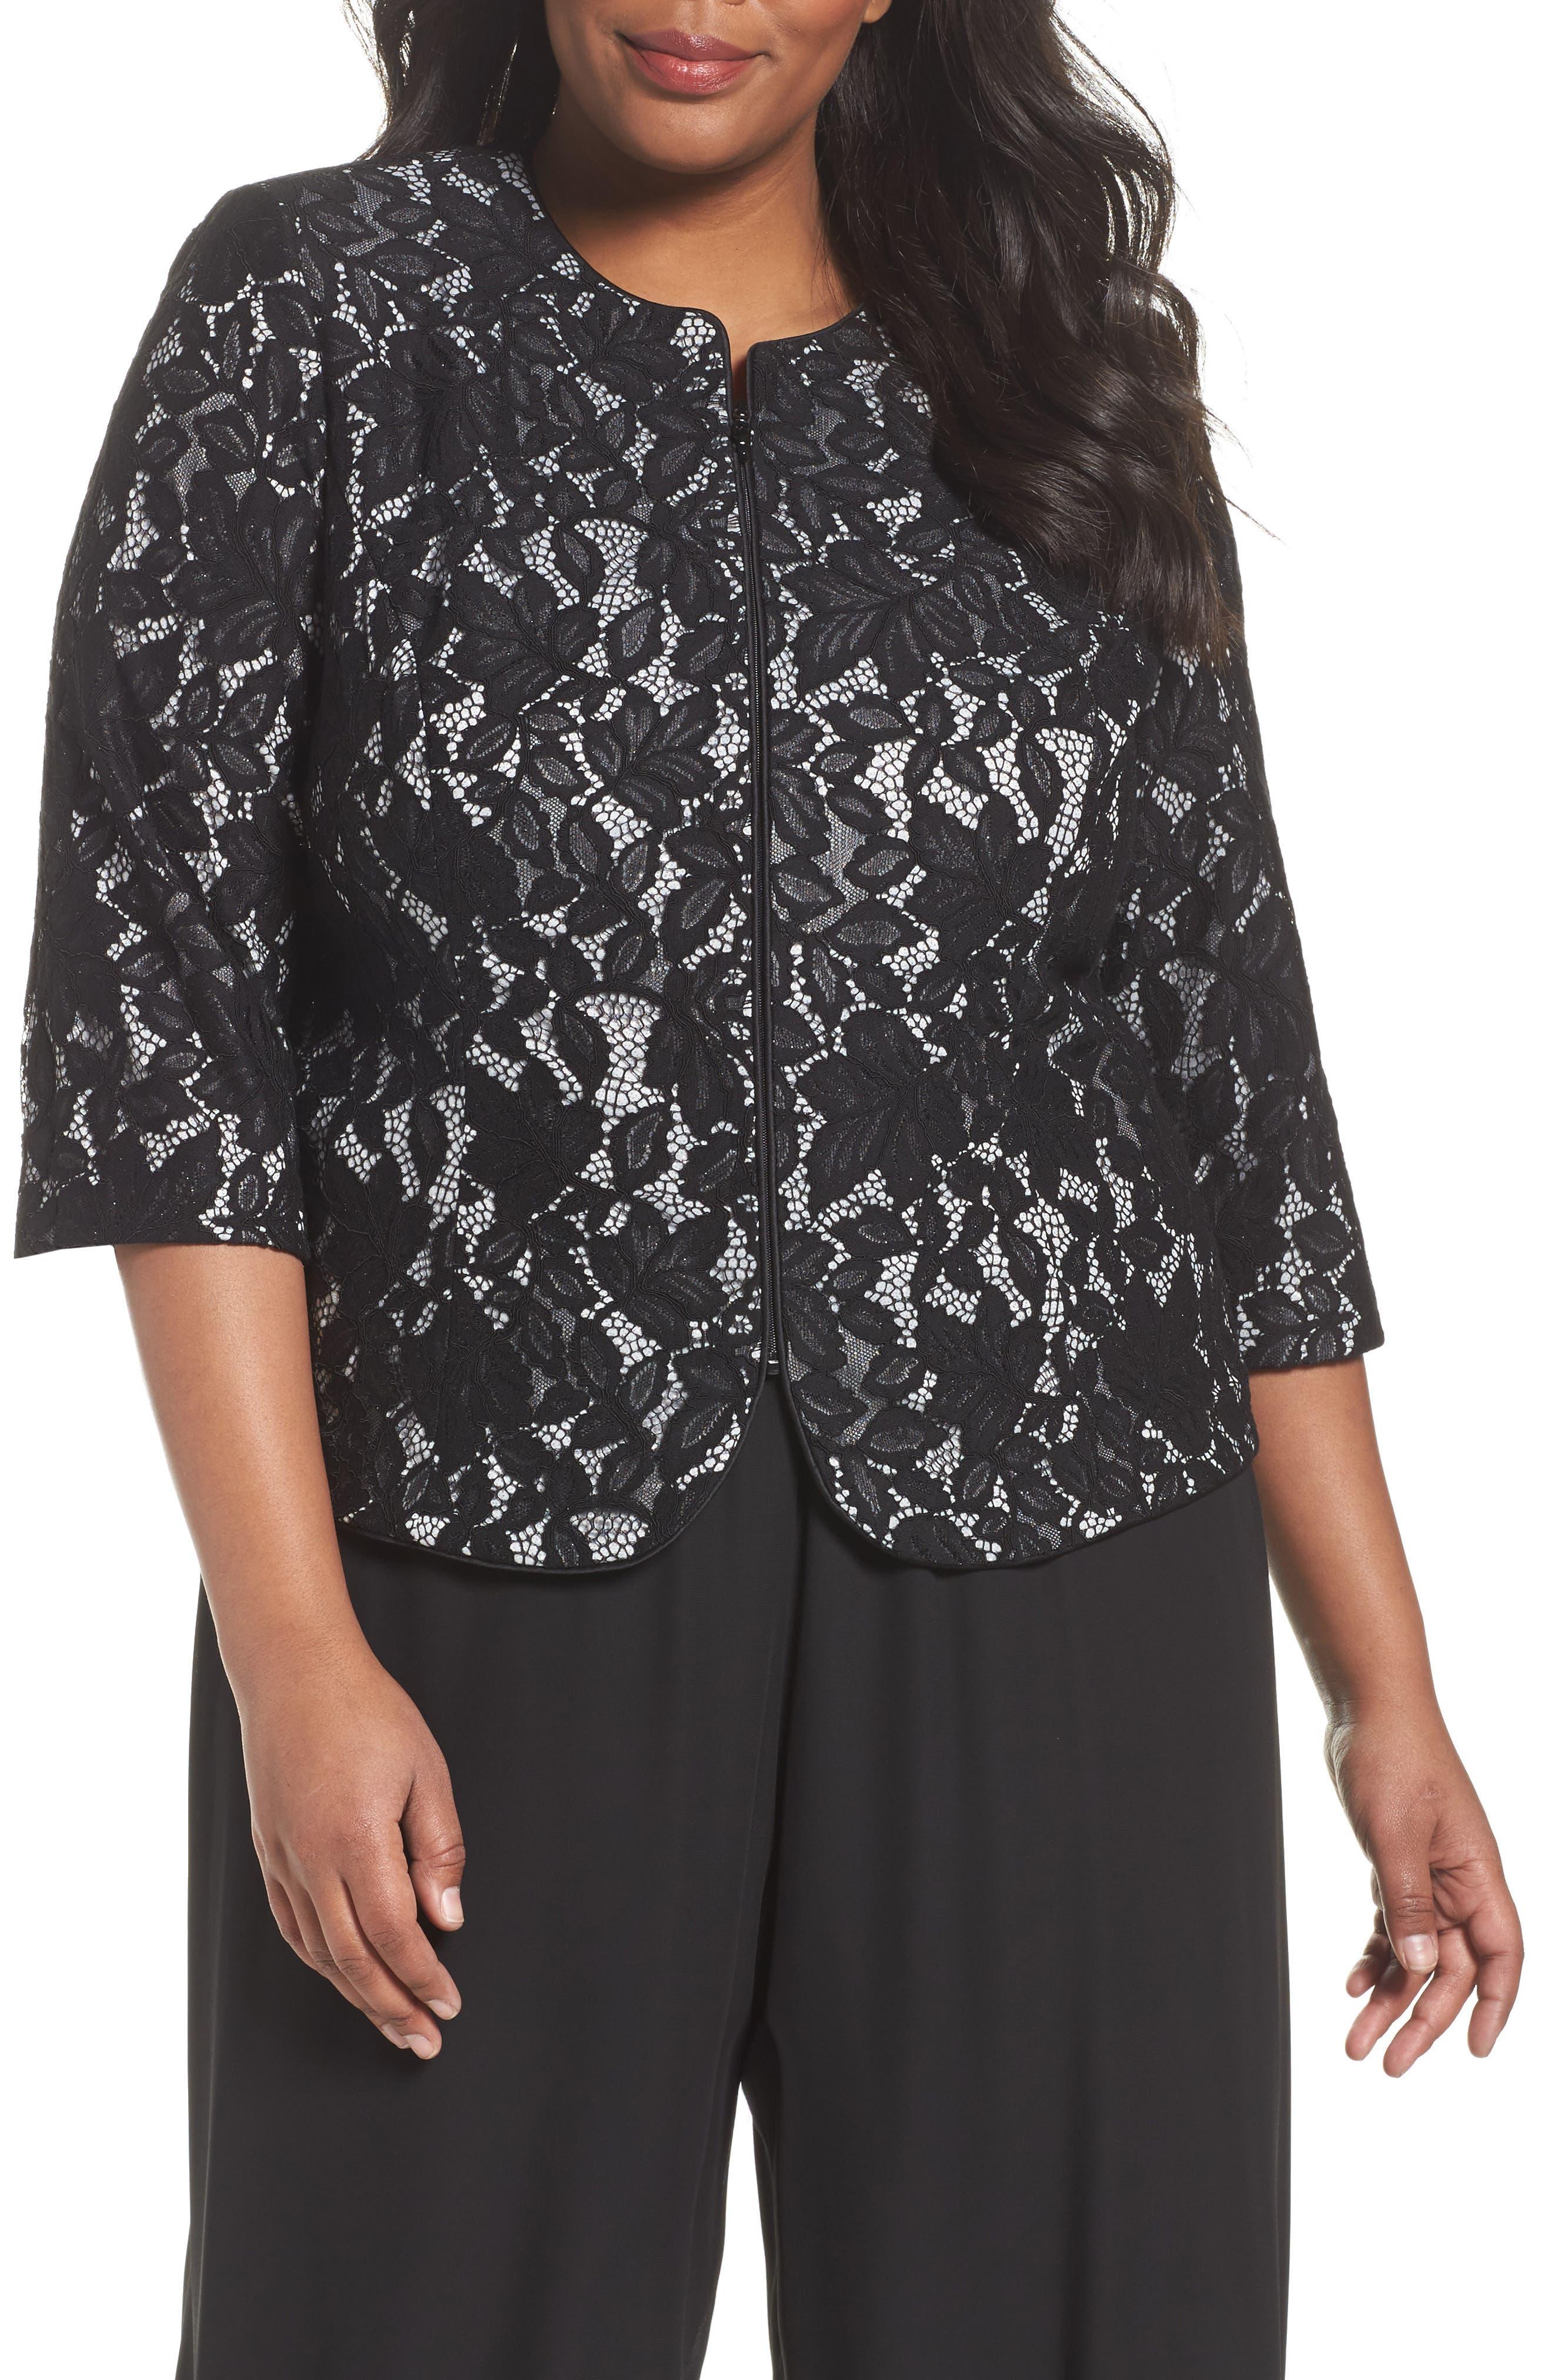 Main Image - Alex Evenings Lace Jacket (Plus Size)